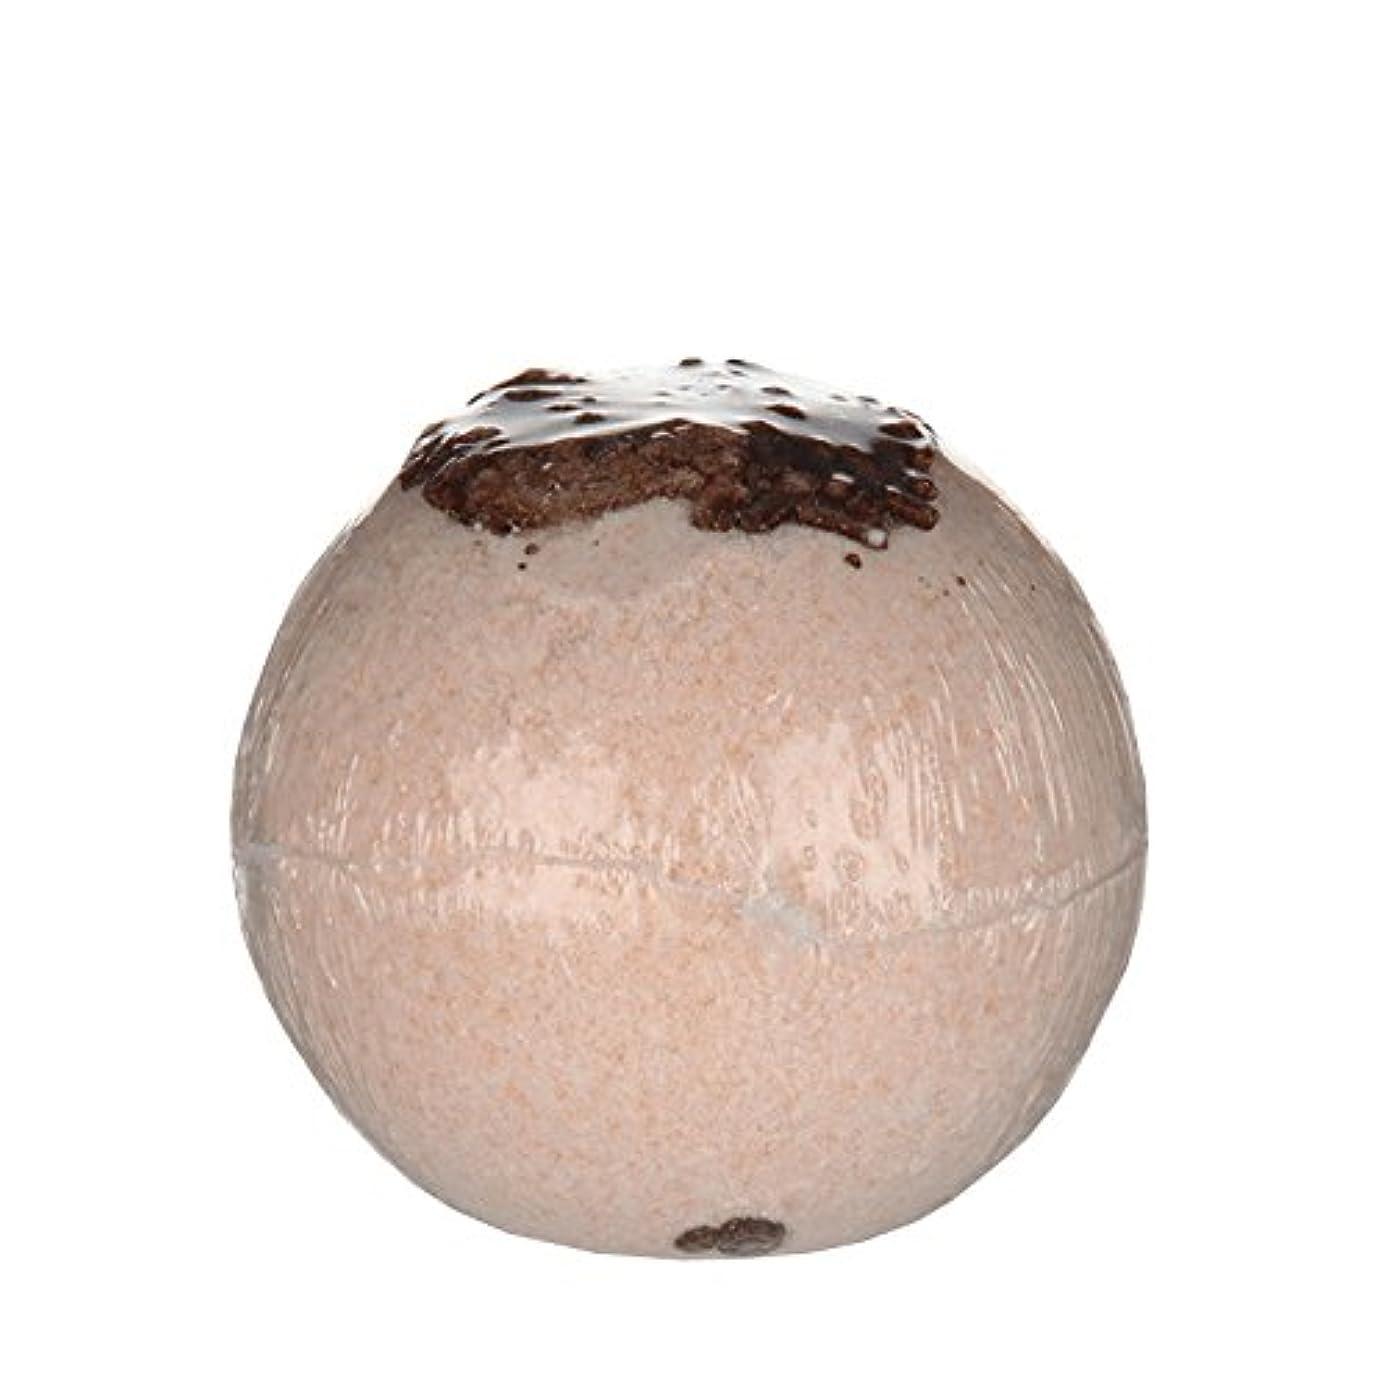 マキシム過ち無限Treetsバスボールココナッツチョコレート170グラム - Treets Bath Ball Coconut Chocolate 170g (Treets) [並行輸入品]